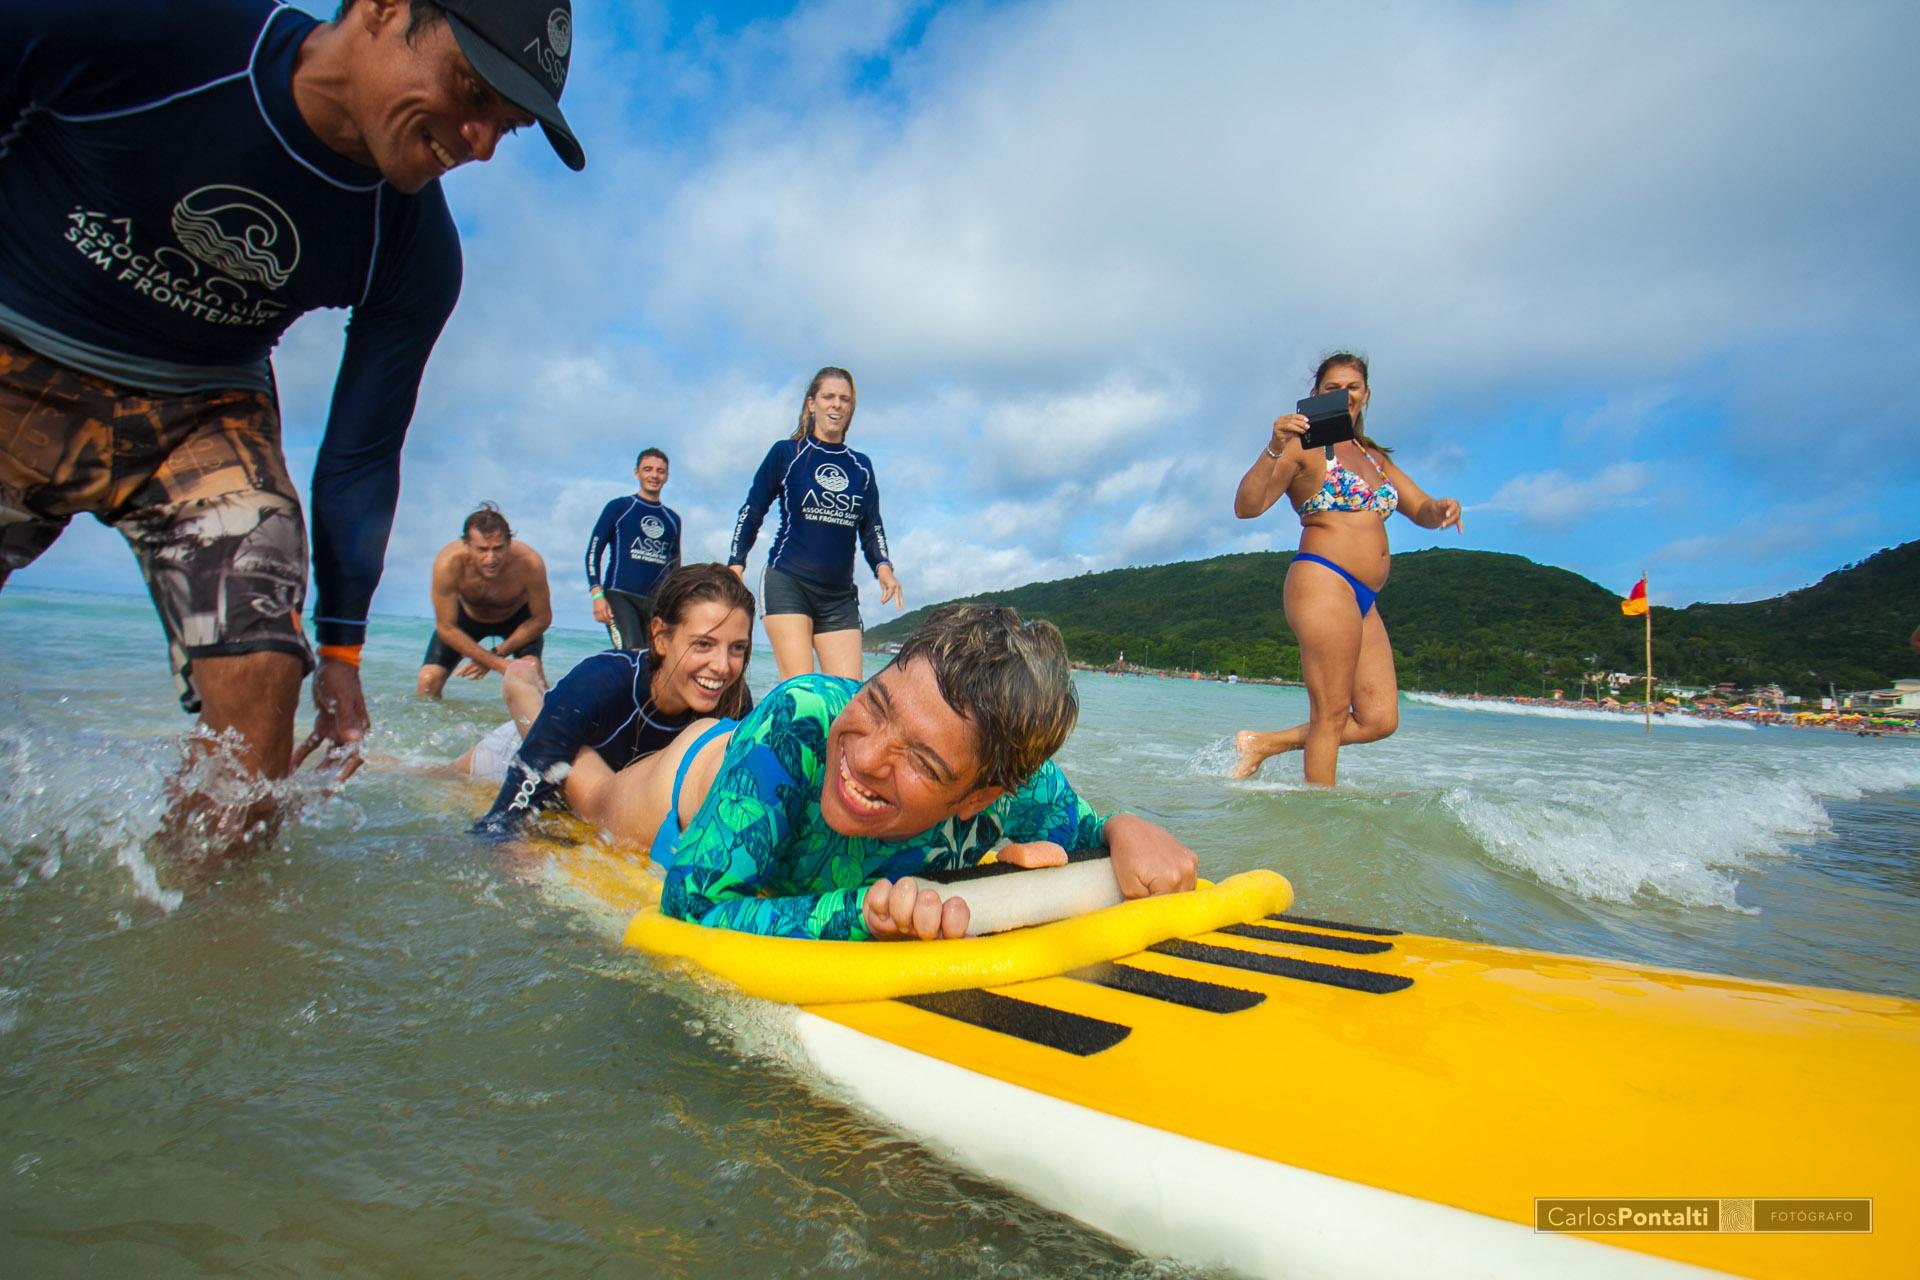 Resultado de imagem para SURFE SEM FRONTEIRAS